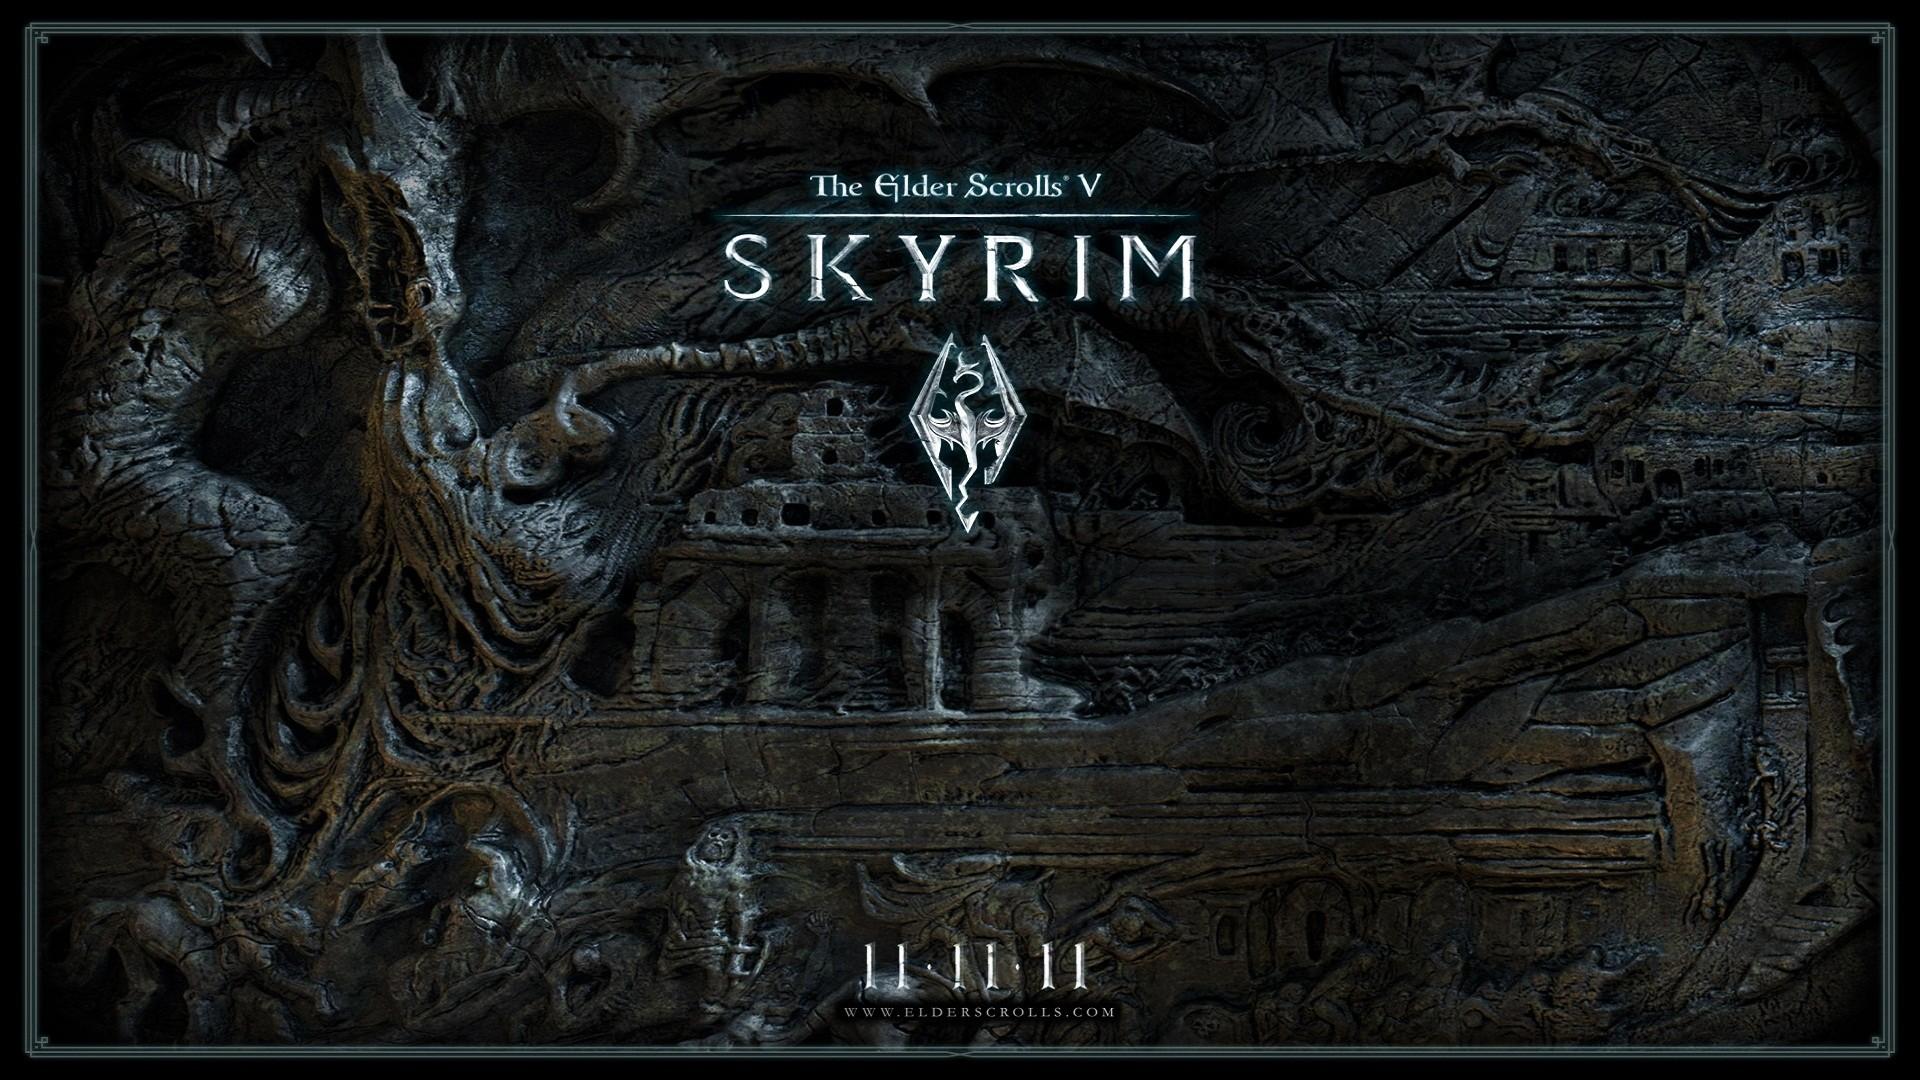 Skyrim Wallpaper 1080p (75+ Images